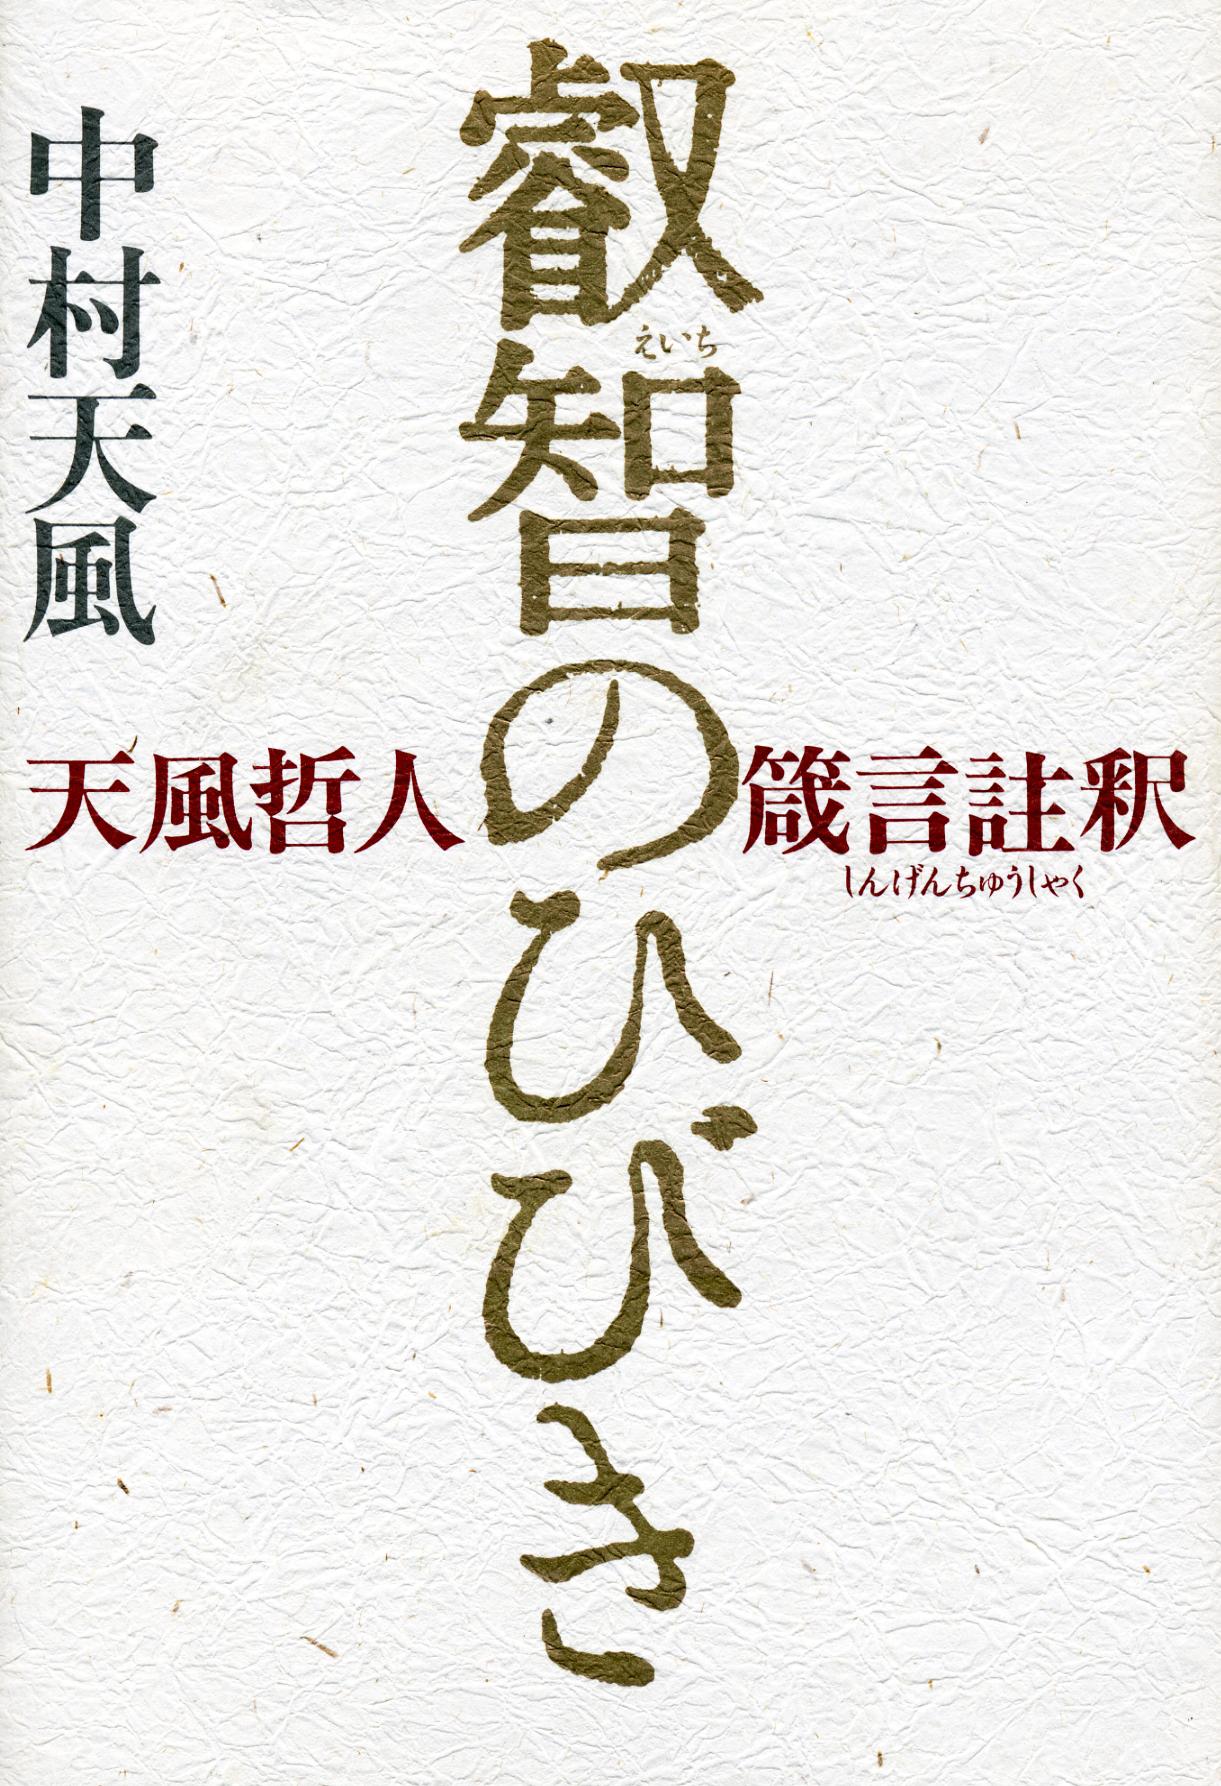 叡智のひびき(天風哲人箴言註釈...